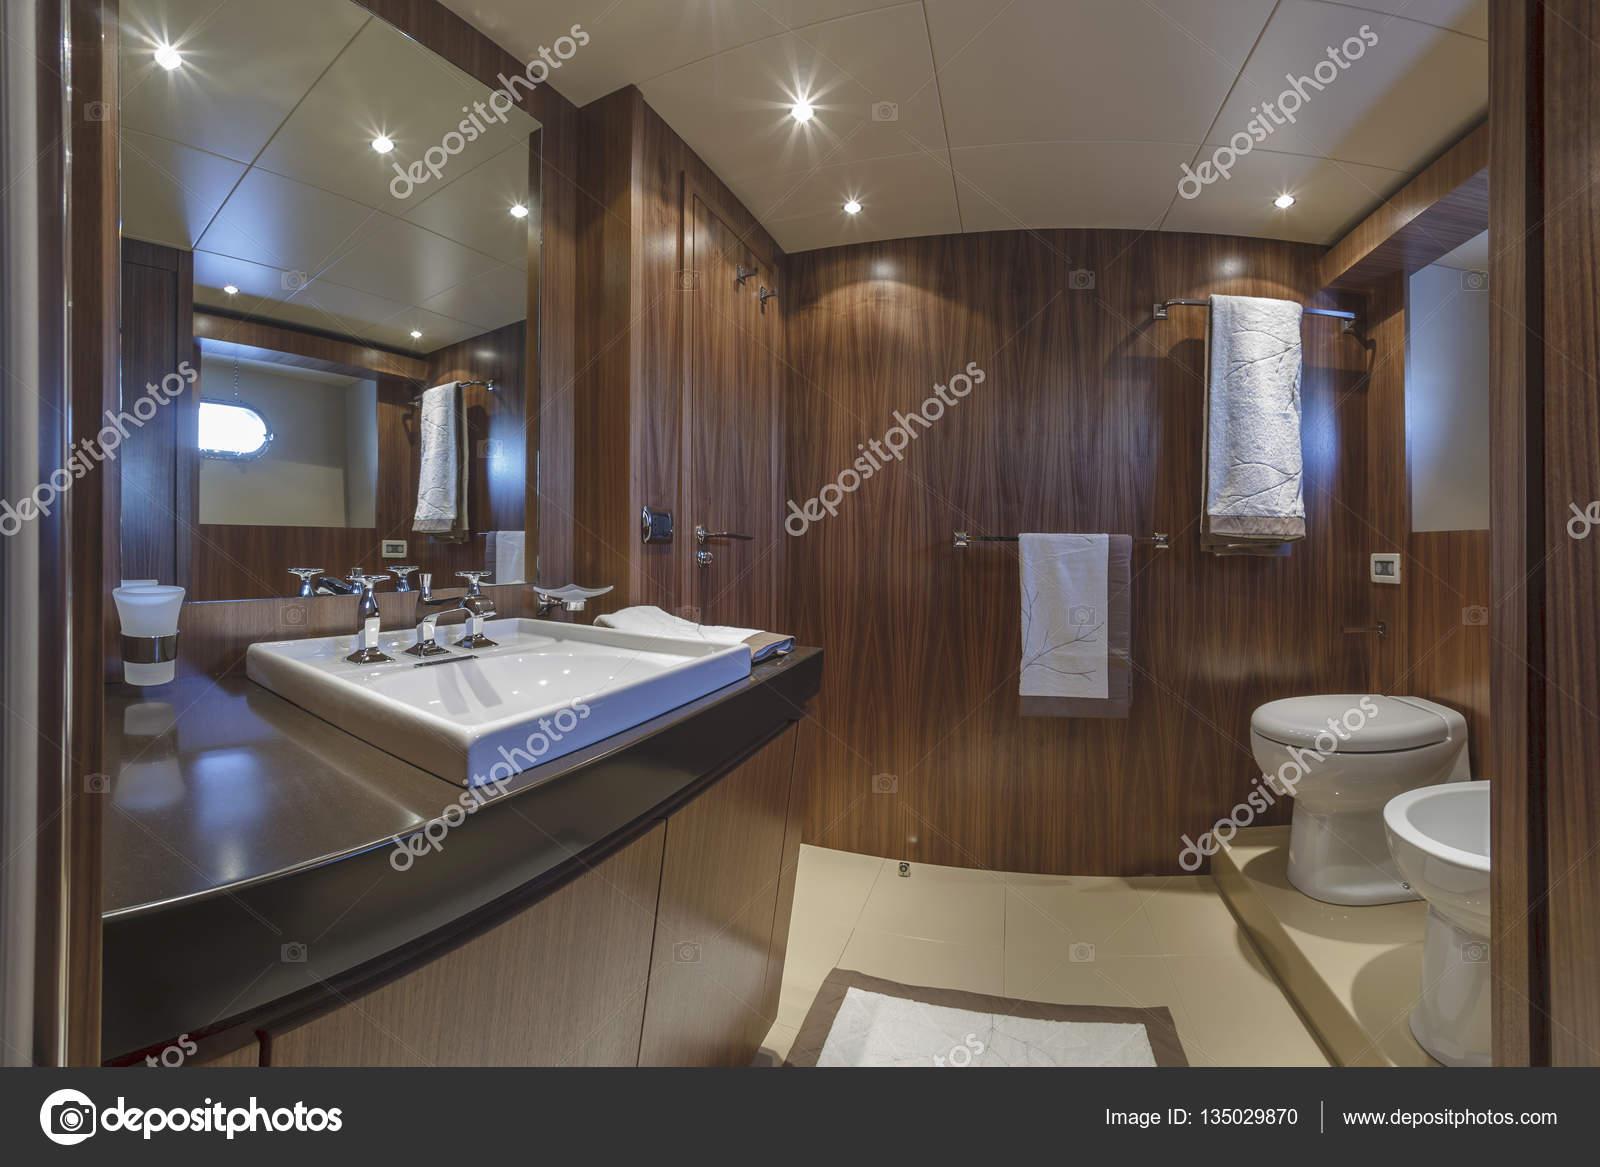 Italia viareggio 82 39 yacht di lusso bagno ospiti foto - Bagno milano viareggio ...